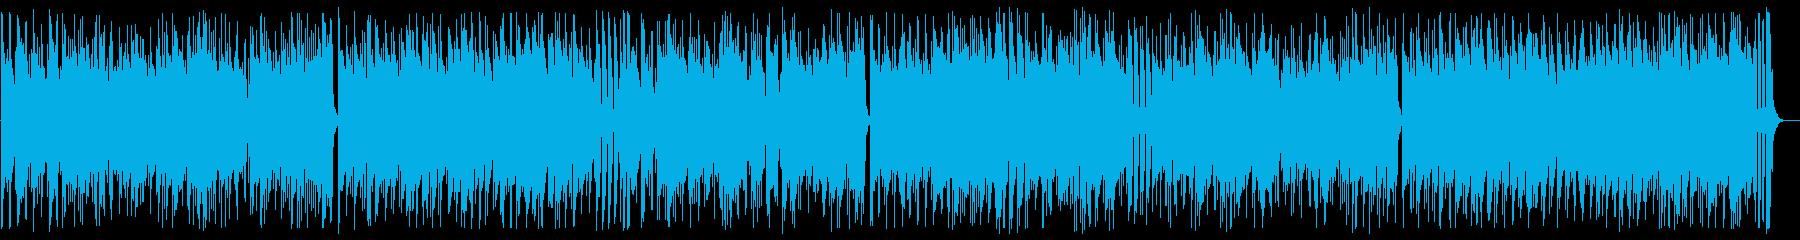 ジングルベル(acoustic)の再生済みの波形